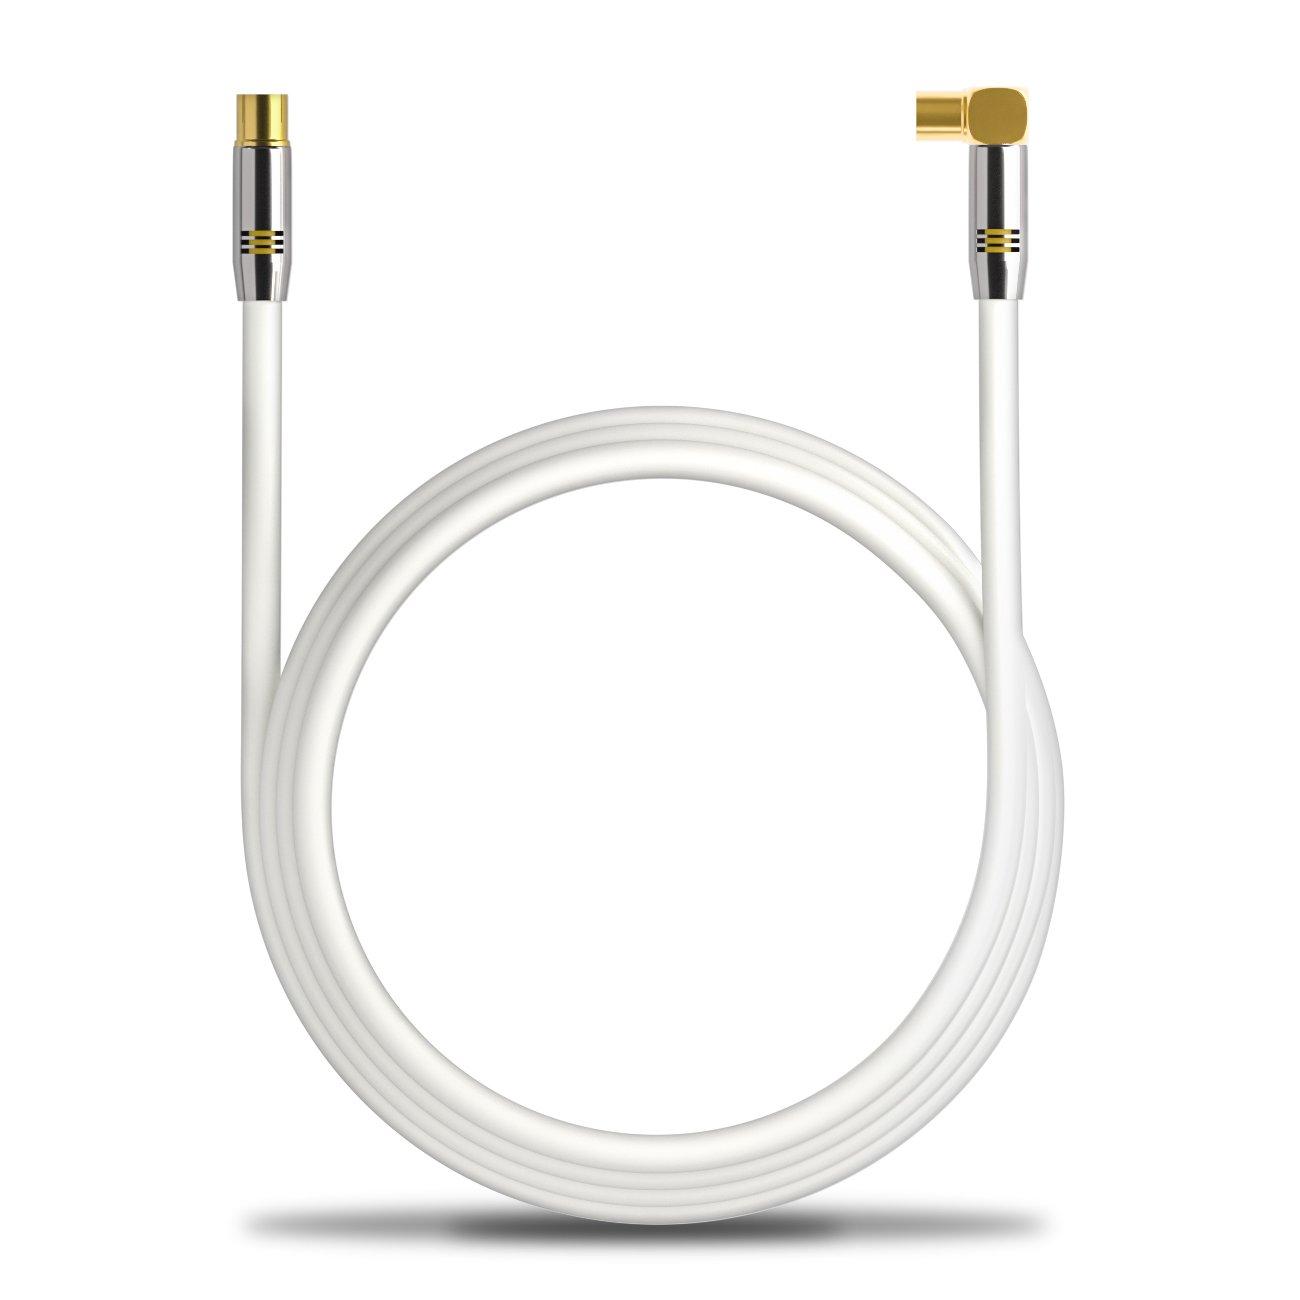 Innesto antenna Bianco Spina di metallo deleyCON TV Cavo antenna 2m 1x angolato//1x diritta 100dB 4K UltraHD FullHD HDTV cavo coassiale